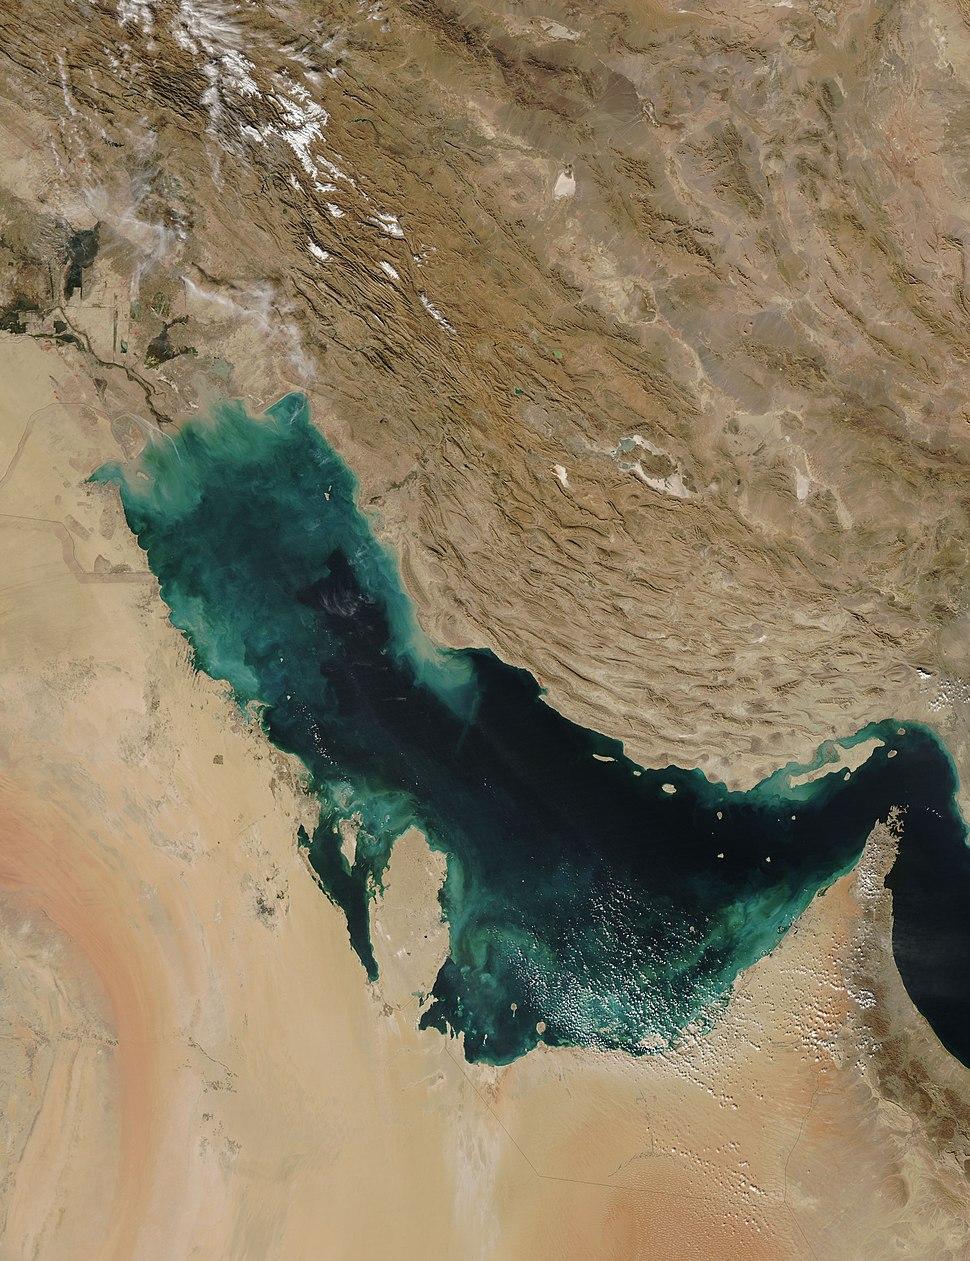 PersianGulf vue satellite du golfe persique